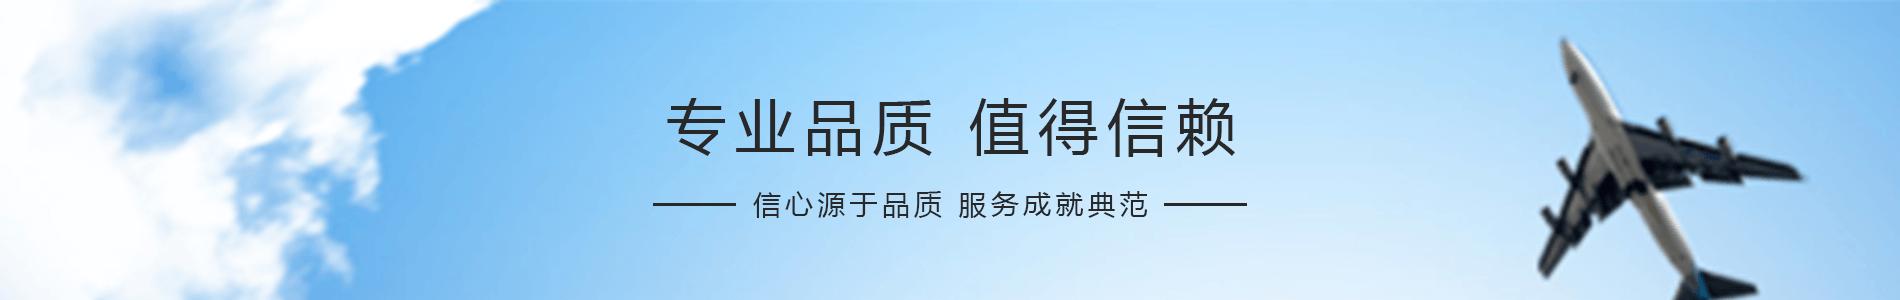 云南唐朝裝飾工程有限公司